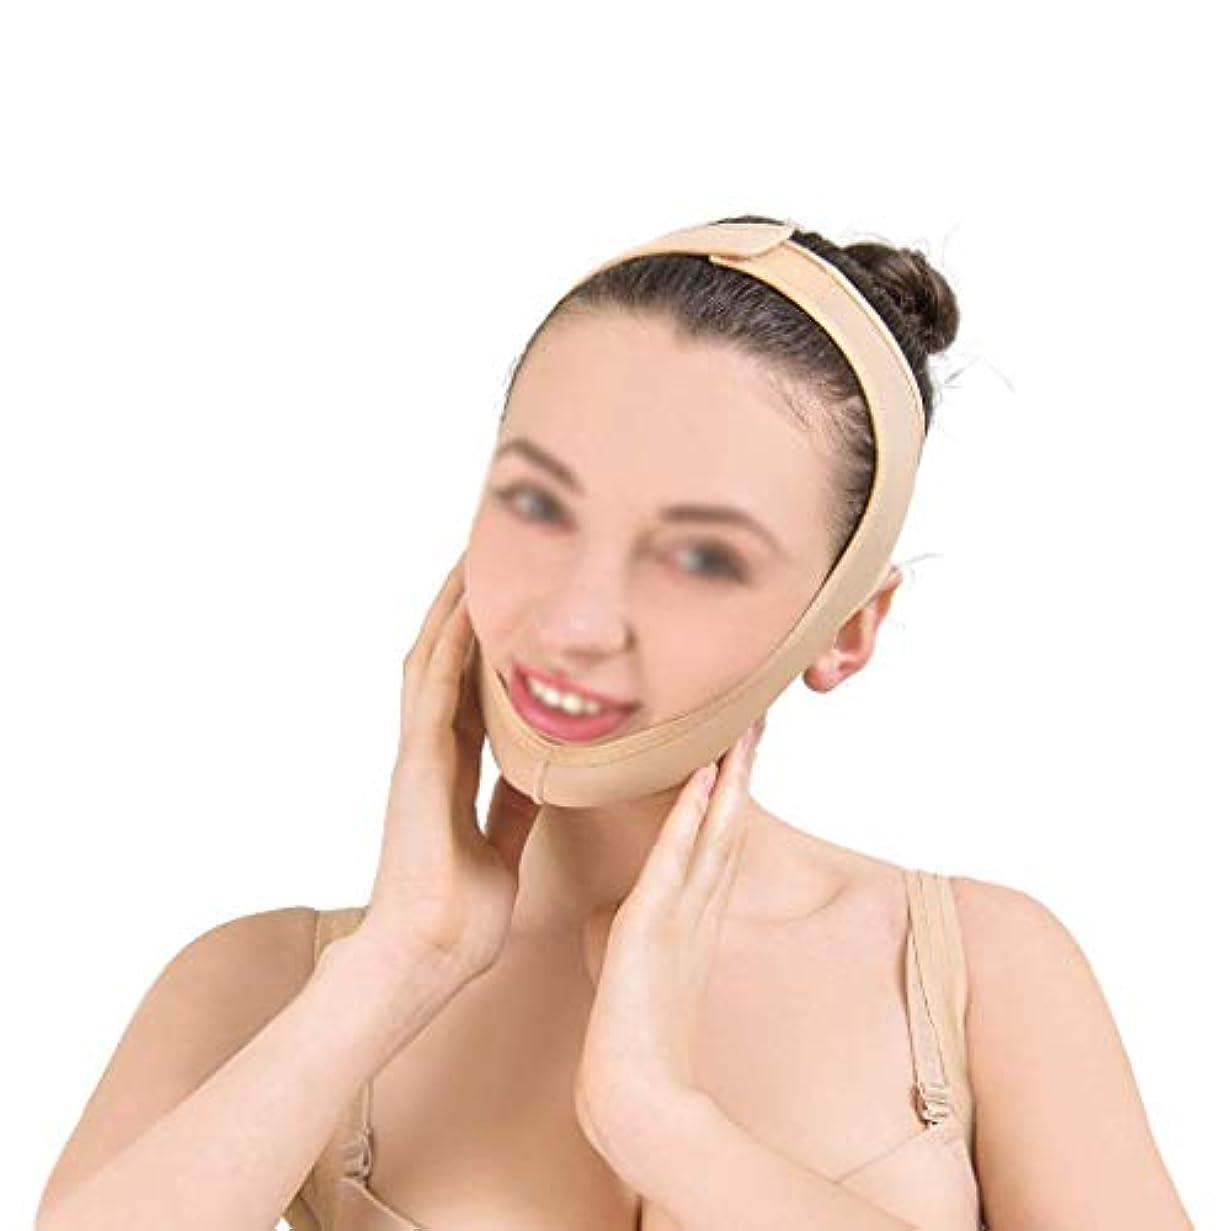 差別するエントリ理想的にはフェイスシェイピングベルト、肌の包帯を持ち上げて引き締める、フェイスベルトを持ち上げる、快適で フェイシャルリフティングマスク(サイズ:S),ザ?